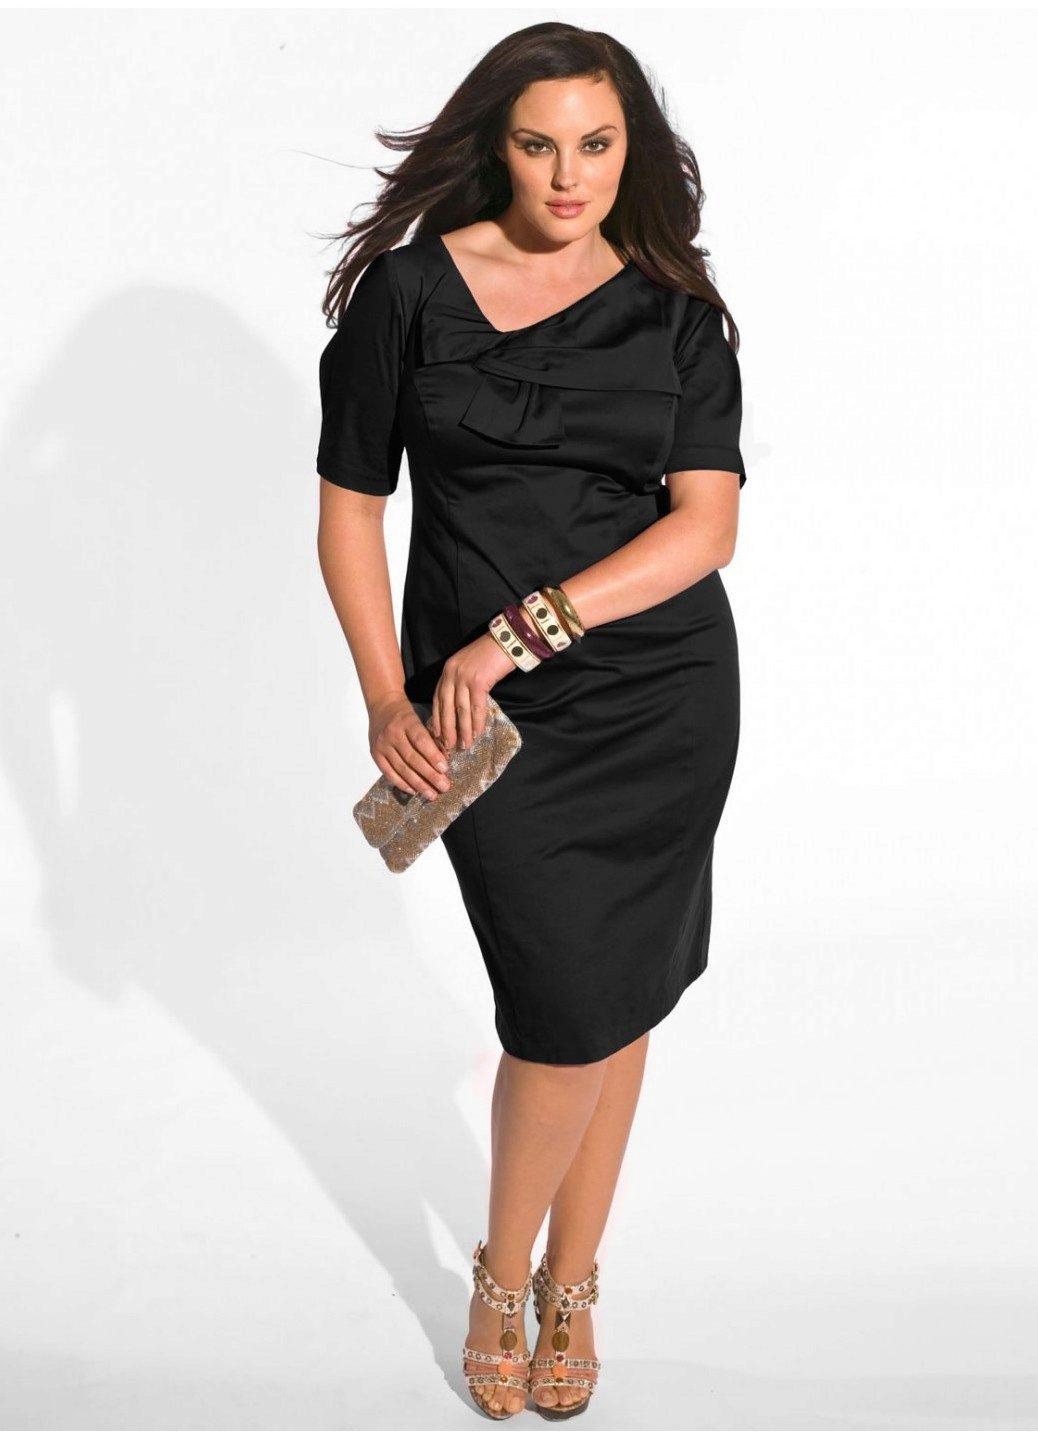 db9bfd3986d Вечерние платья для полных девушек и женщин  длинные фасоны